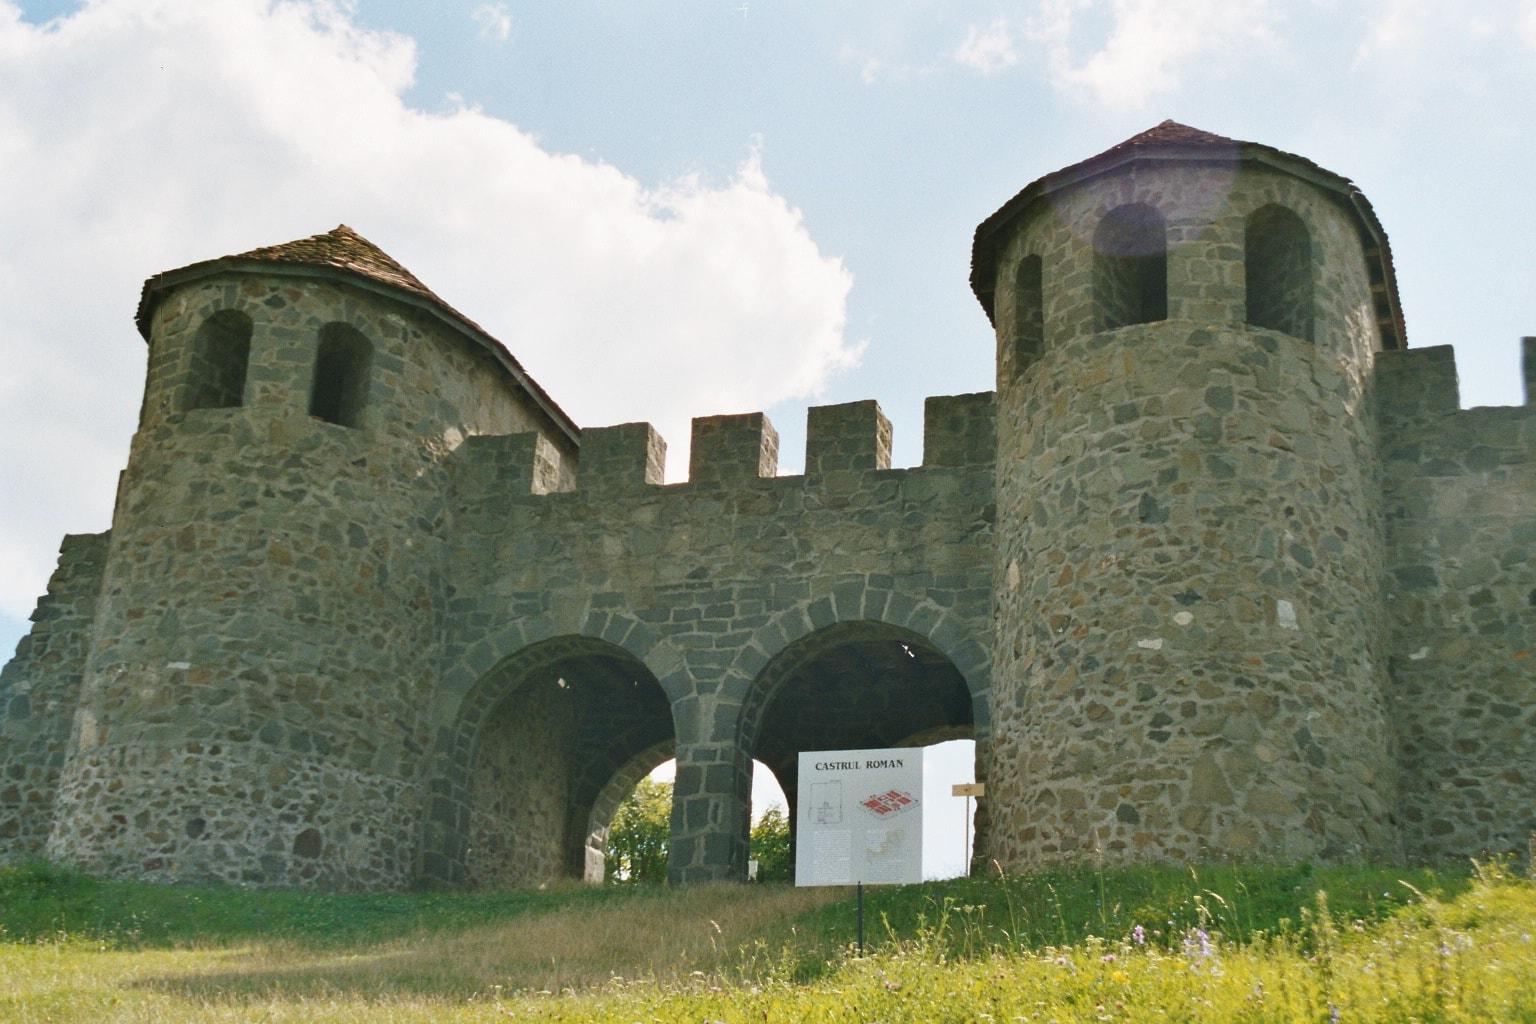 Le ruban a jibou roumanie 2004 29